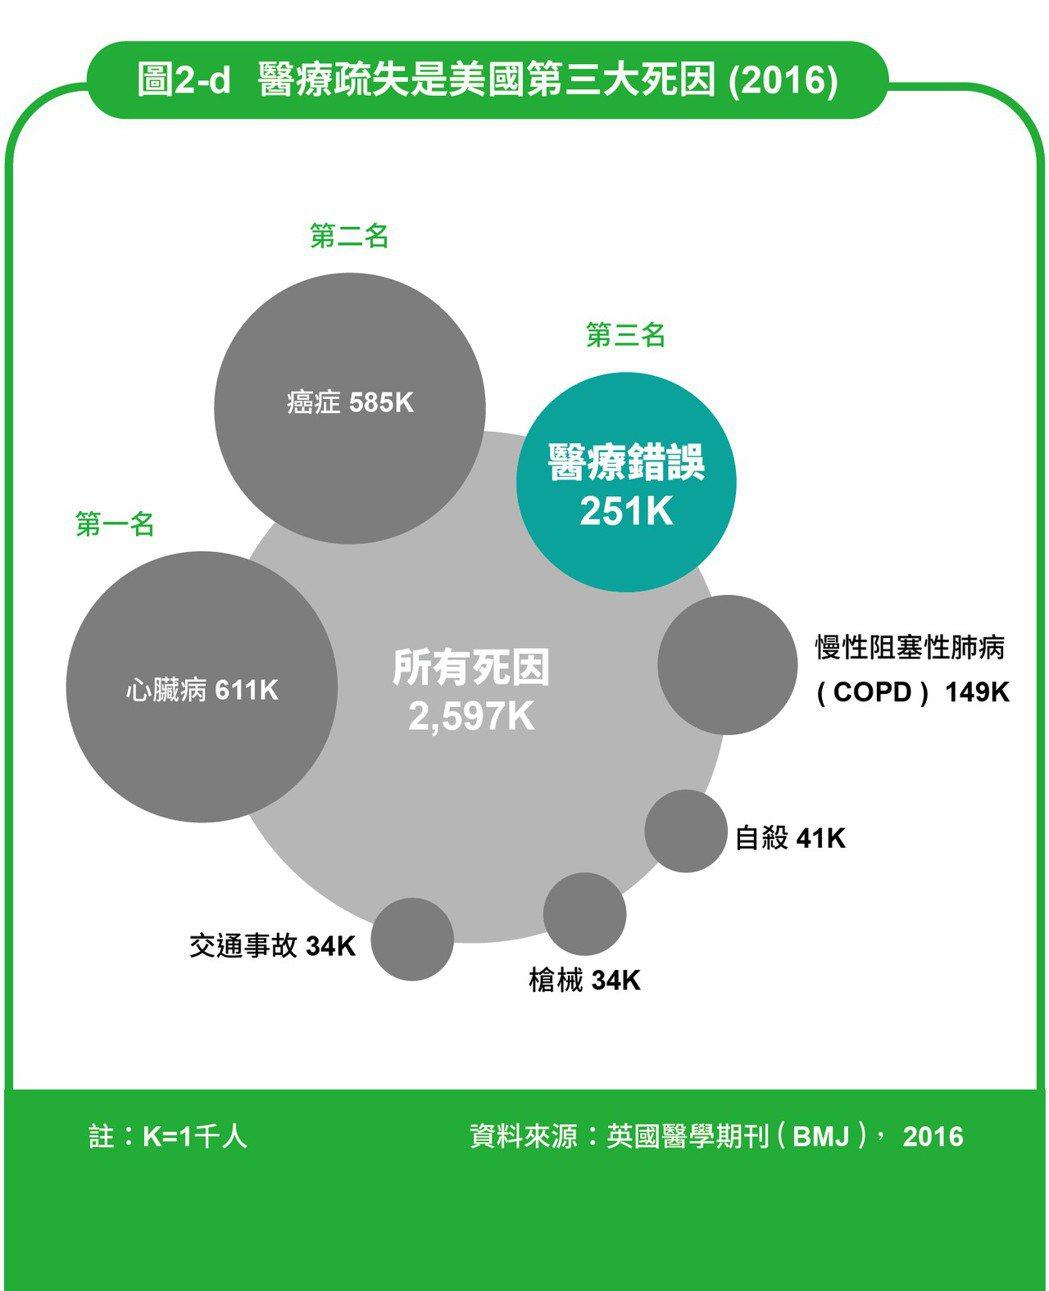 圖/摘自《AI醫療大未來 台灣第一本智慧醫療關鍵報告》